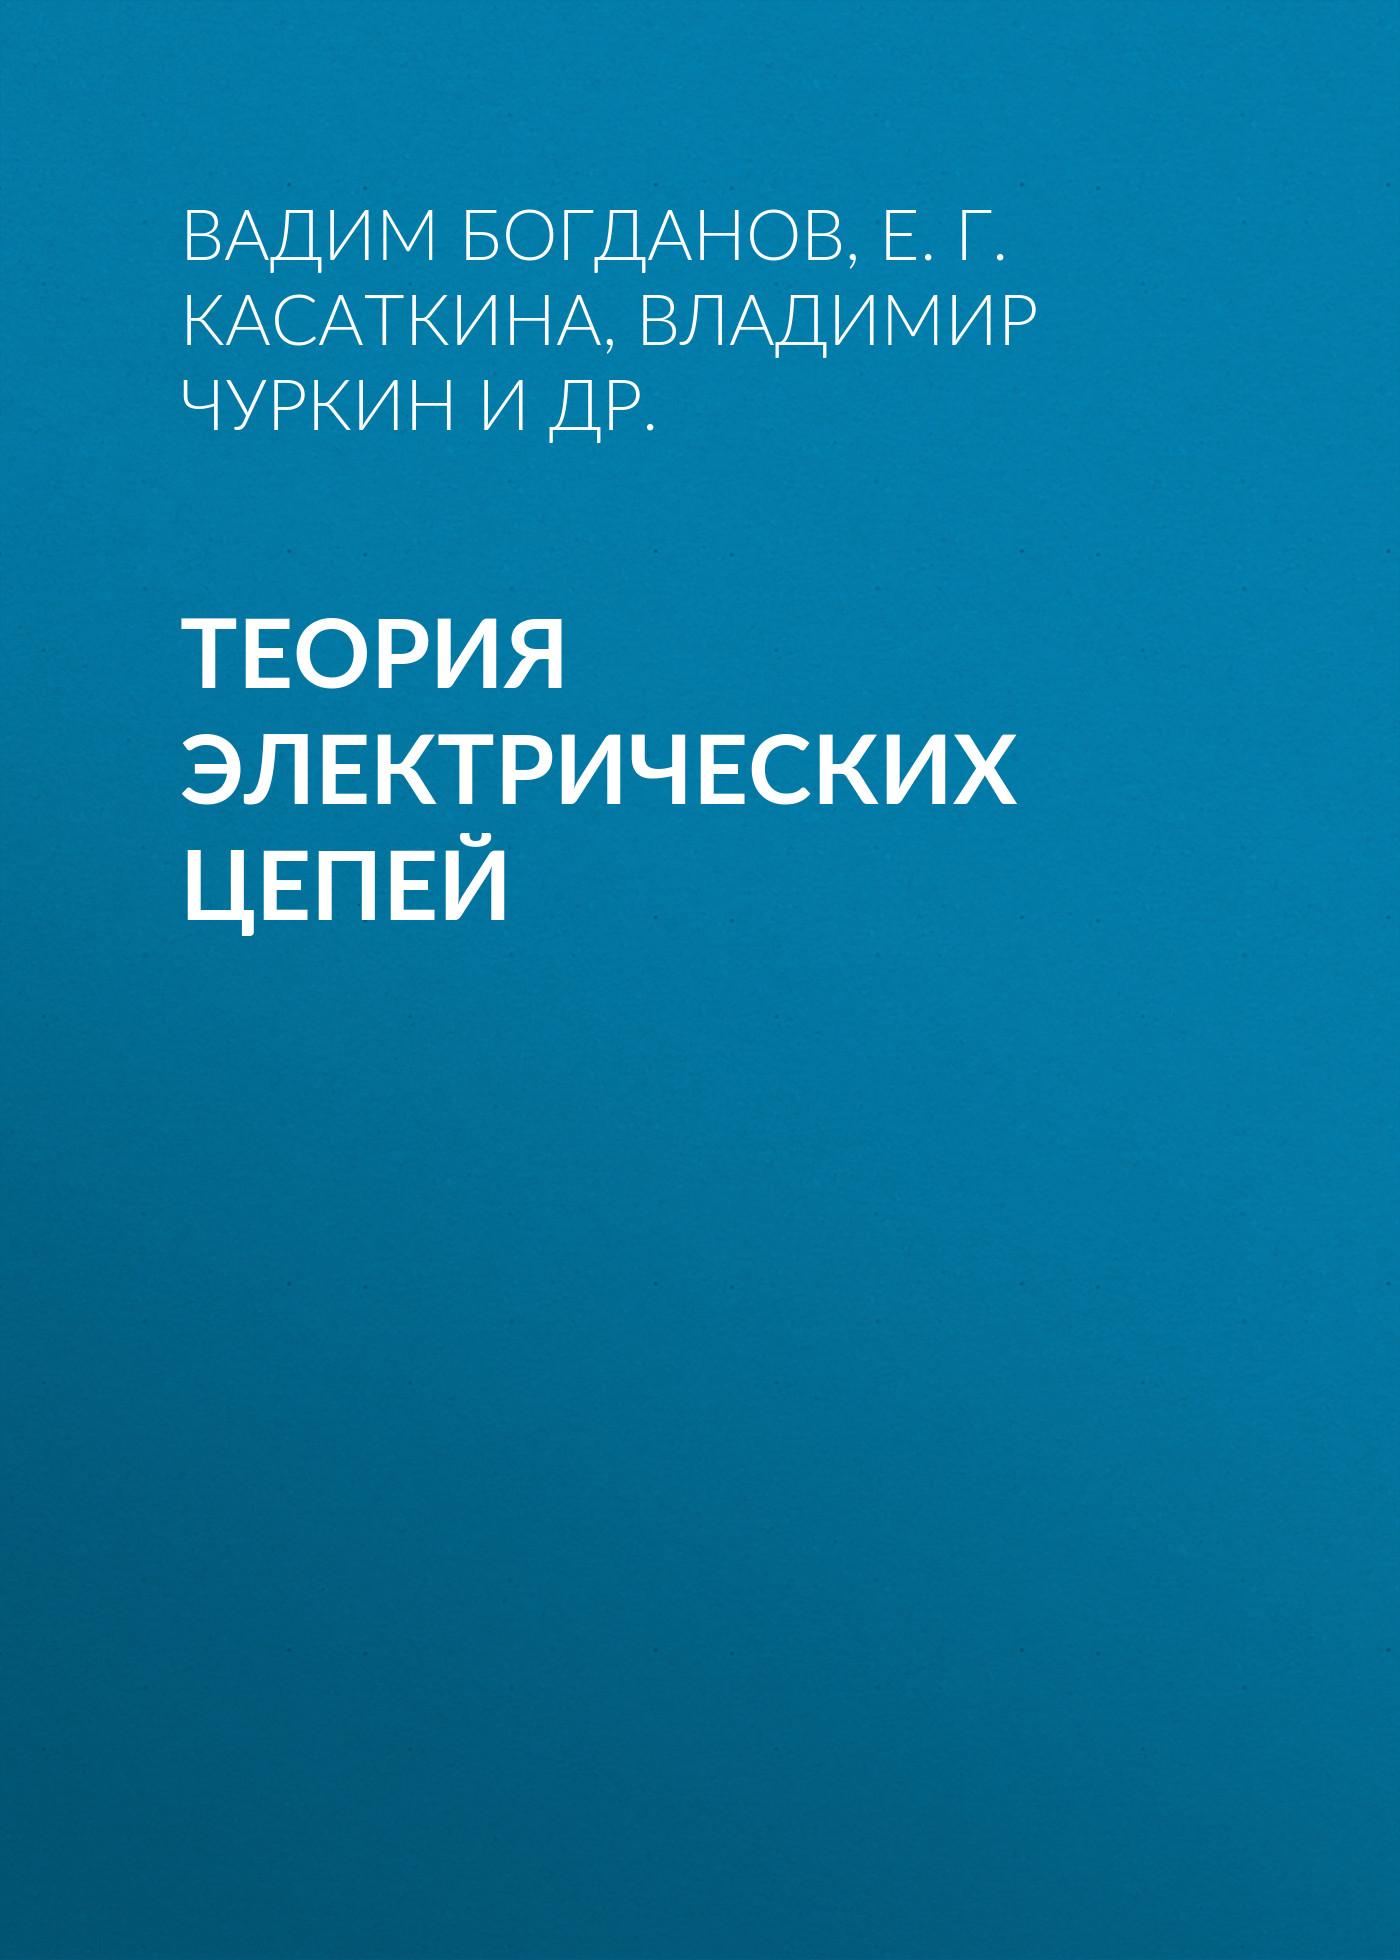 Е. Г. Касаткина Теория электрических цепей потапов л теория электрических цепей учебное пособие для спо